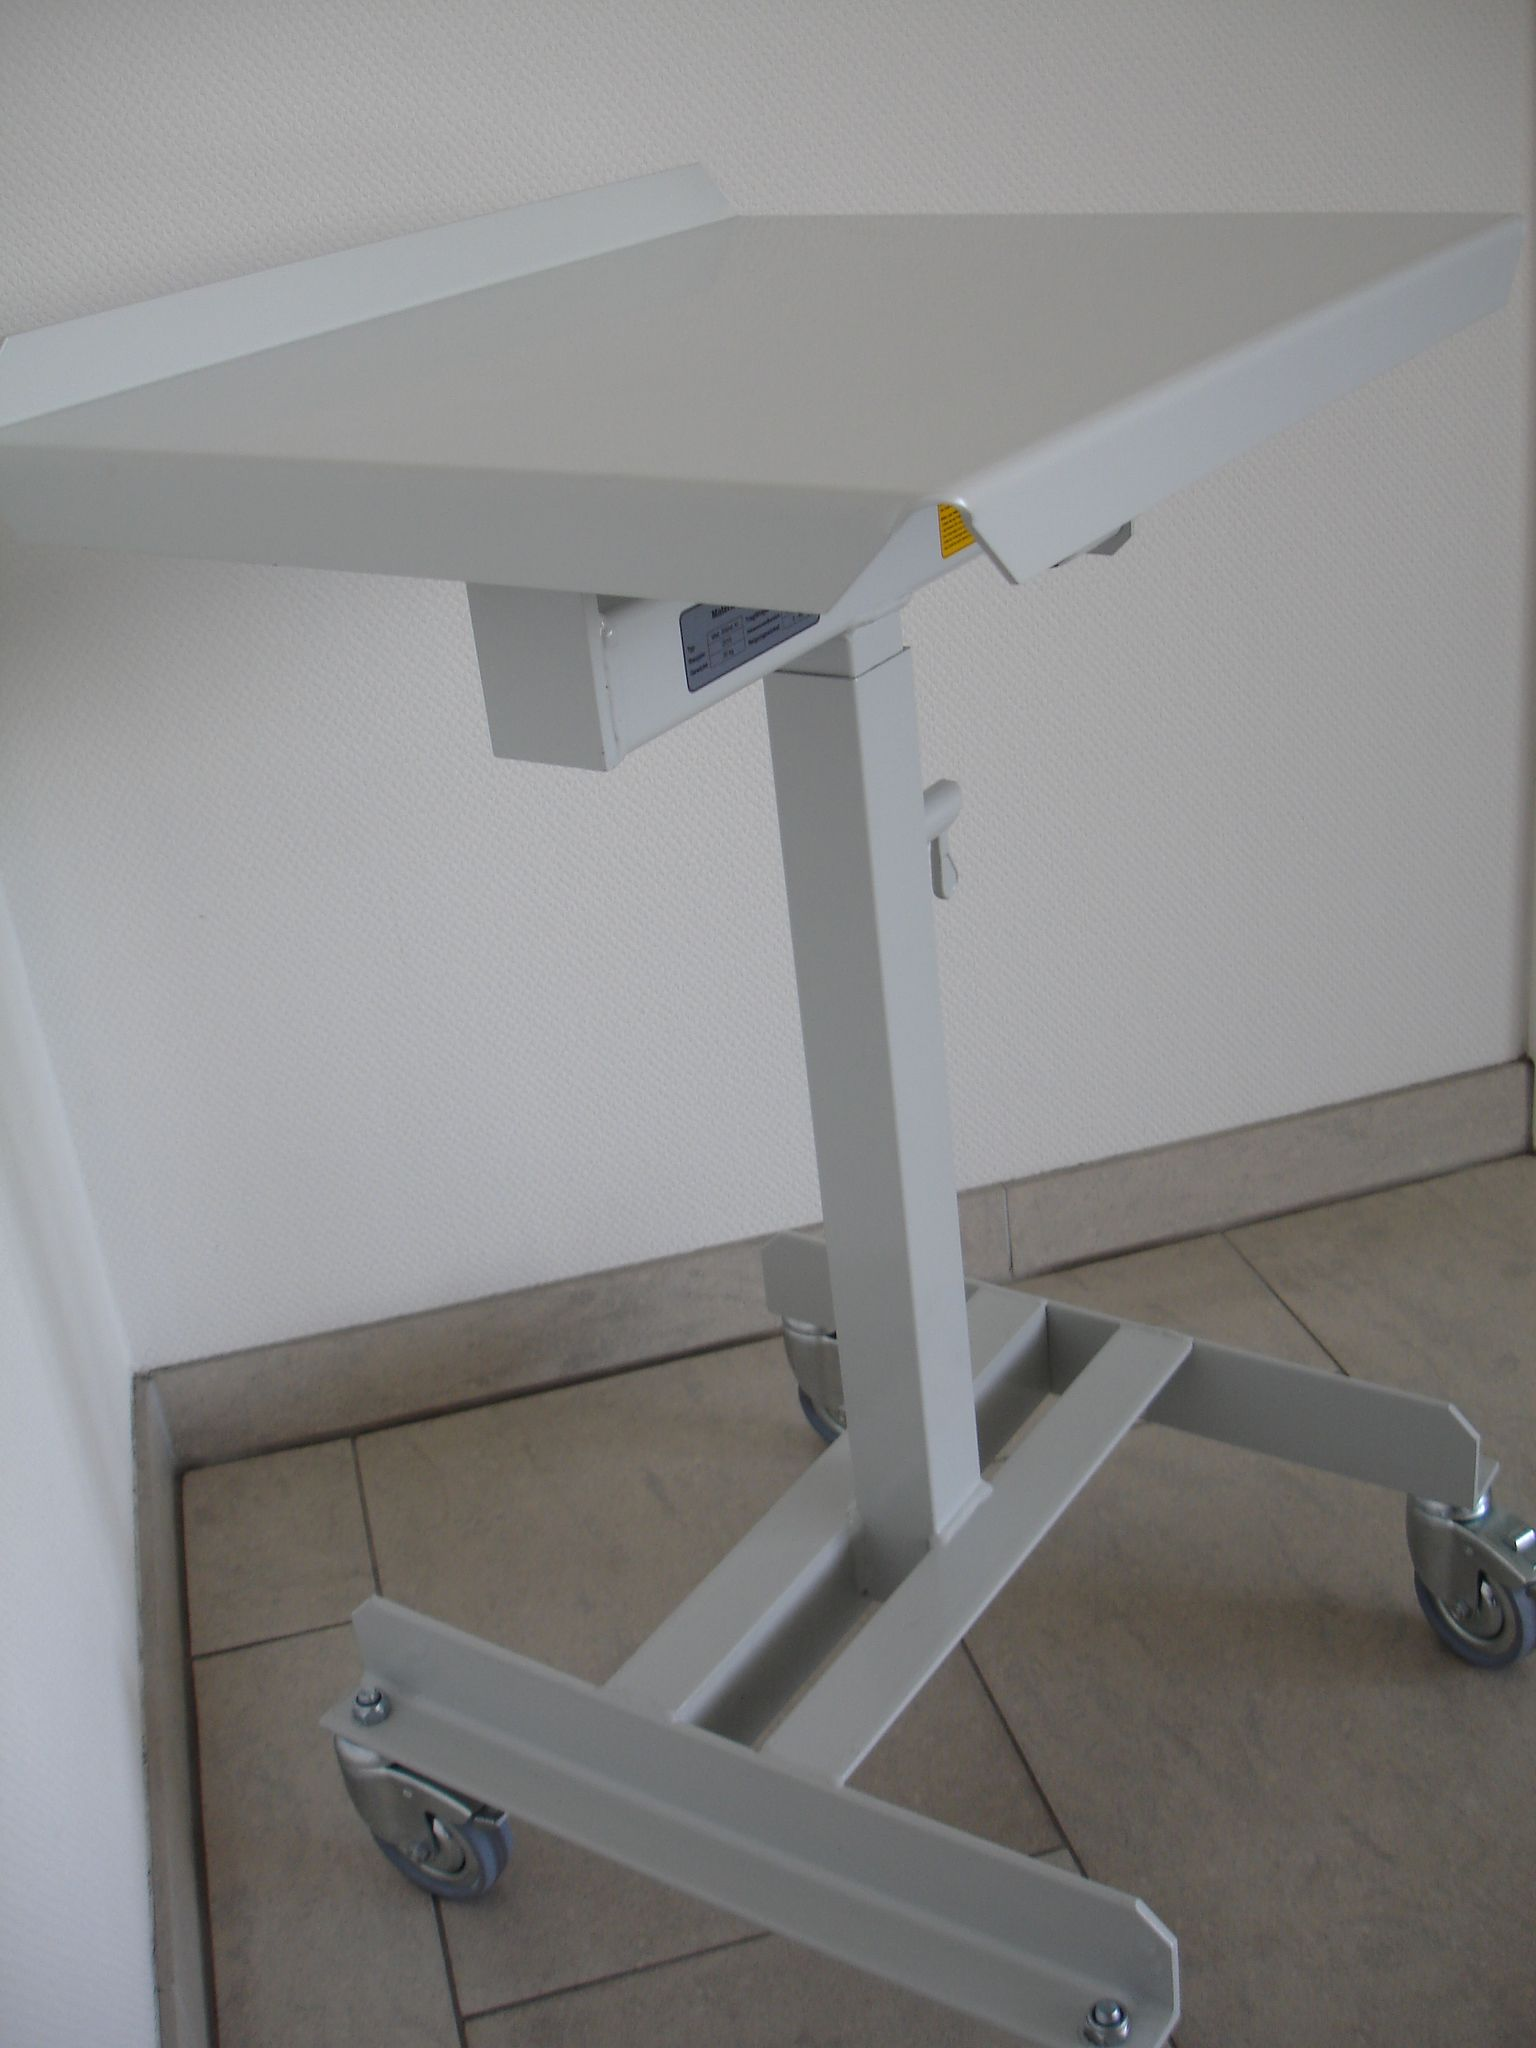 Materialständer, Arretierung durch Federriegel im 30mm Raster.